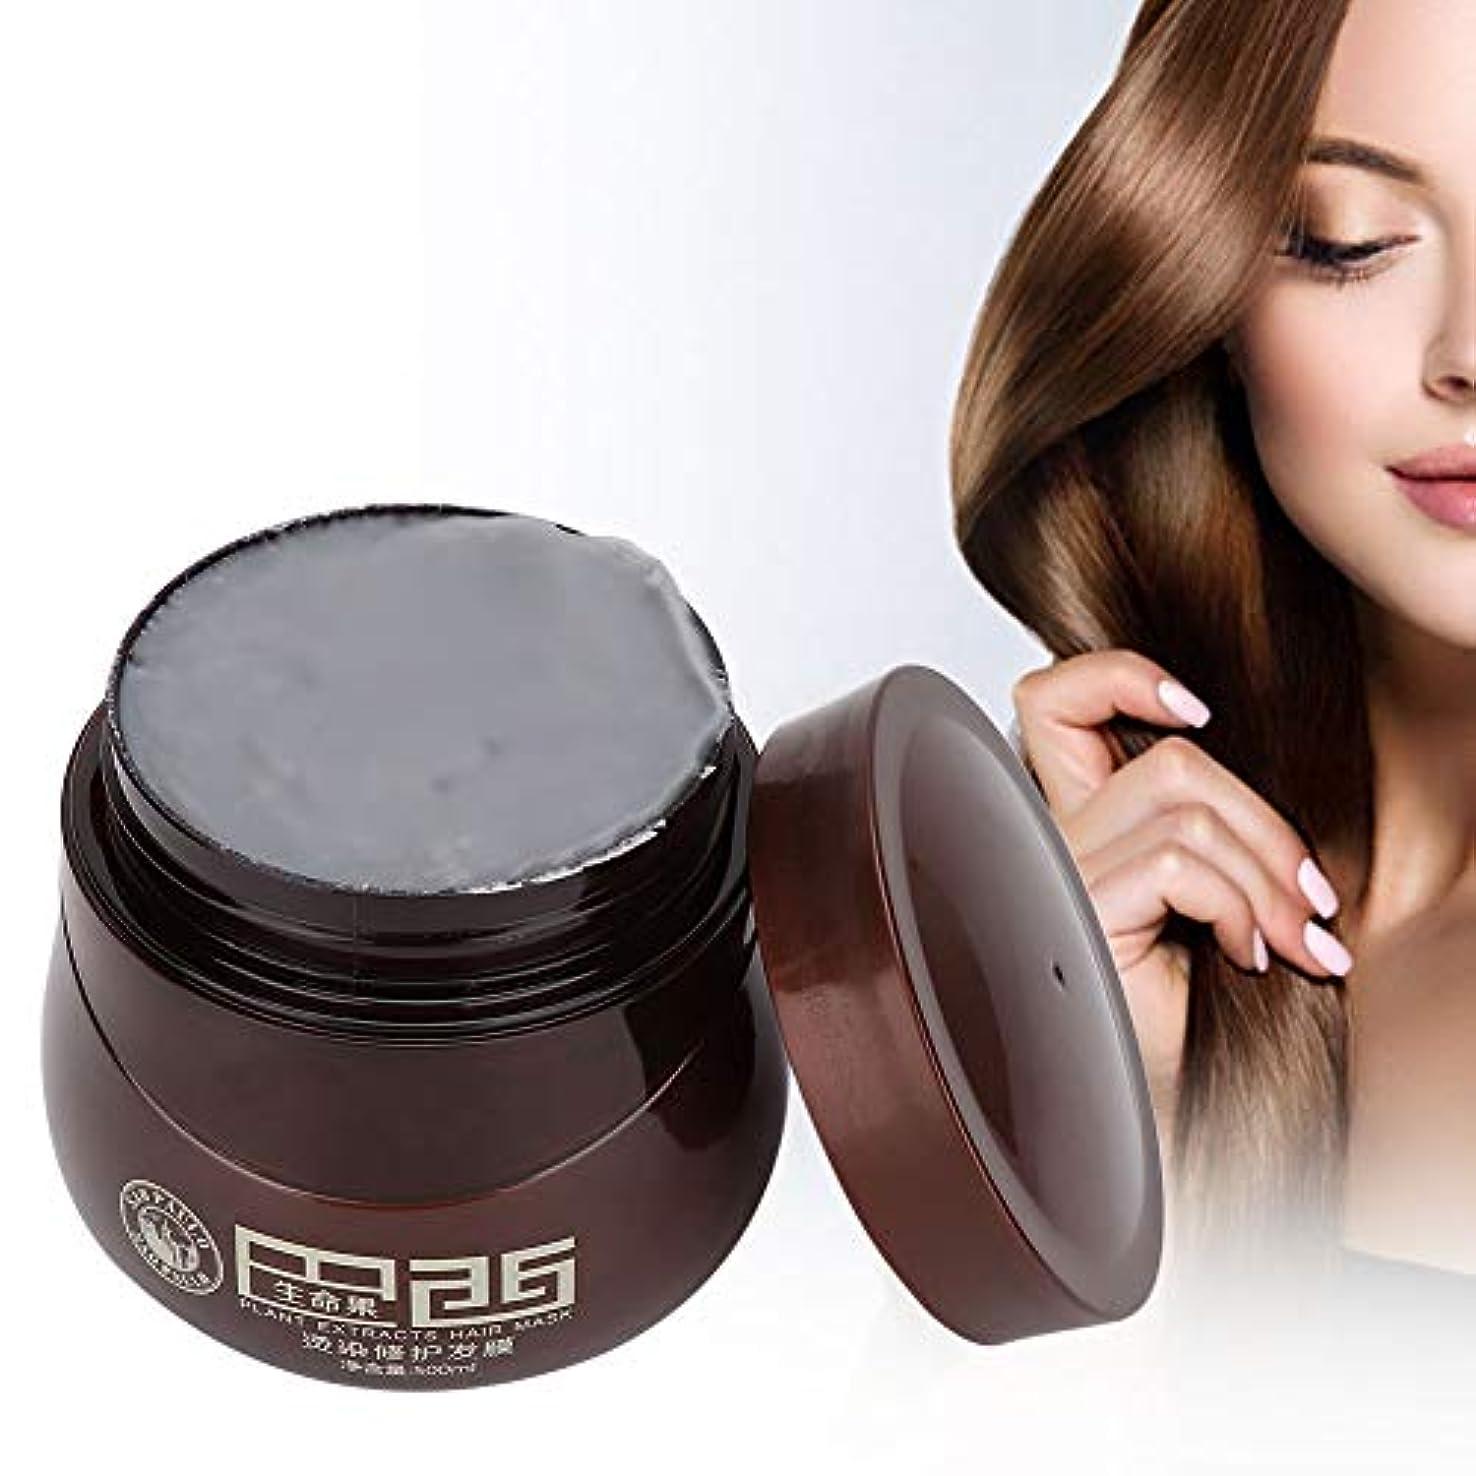 第陽気な傷つけるヘアマスク、染毛剤ダメージヘアナリッシングリペアマスクトリートメントコンディショナープロのヘアサロンや家庭での使用に最適500ml